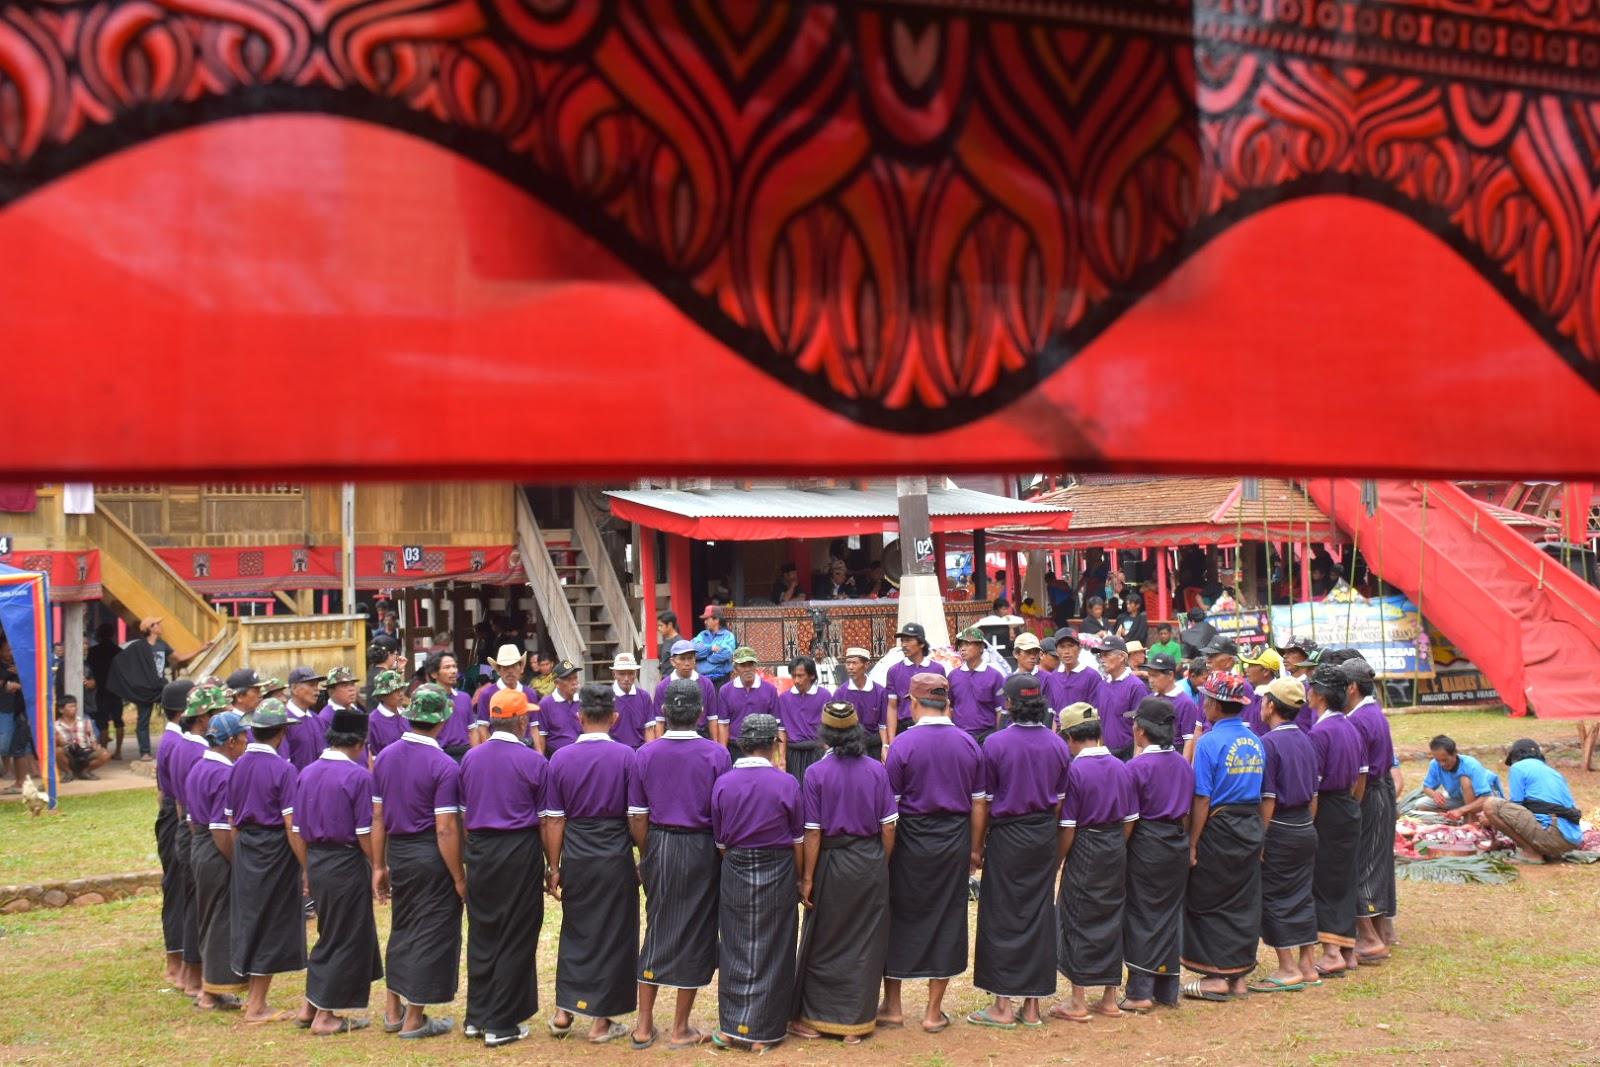 Begini Cara Masyarakat Suku Toraja Menyambut Tamu Pada Upacara Pemakaman Atau Rambu Solo